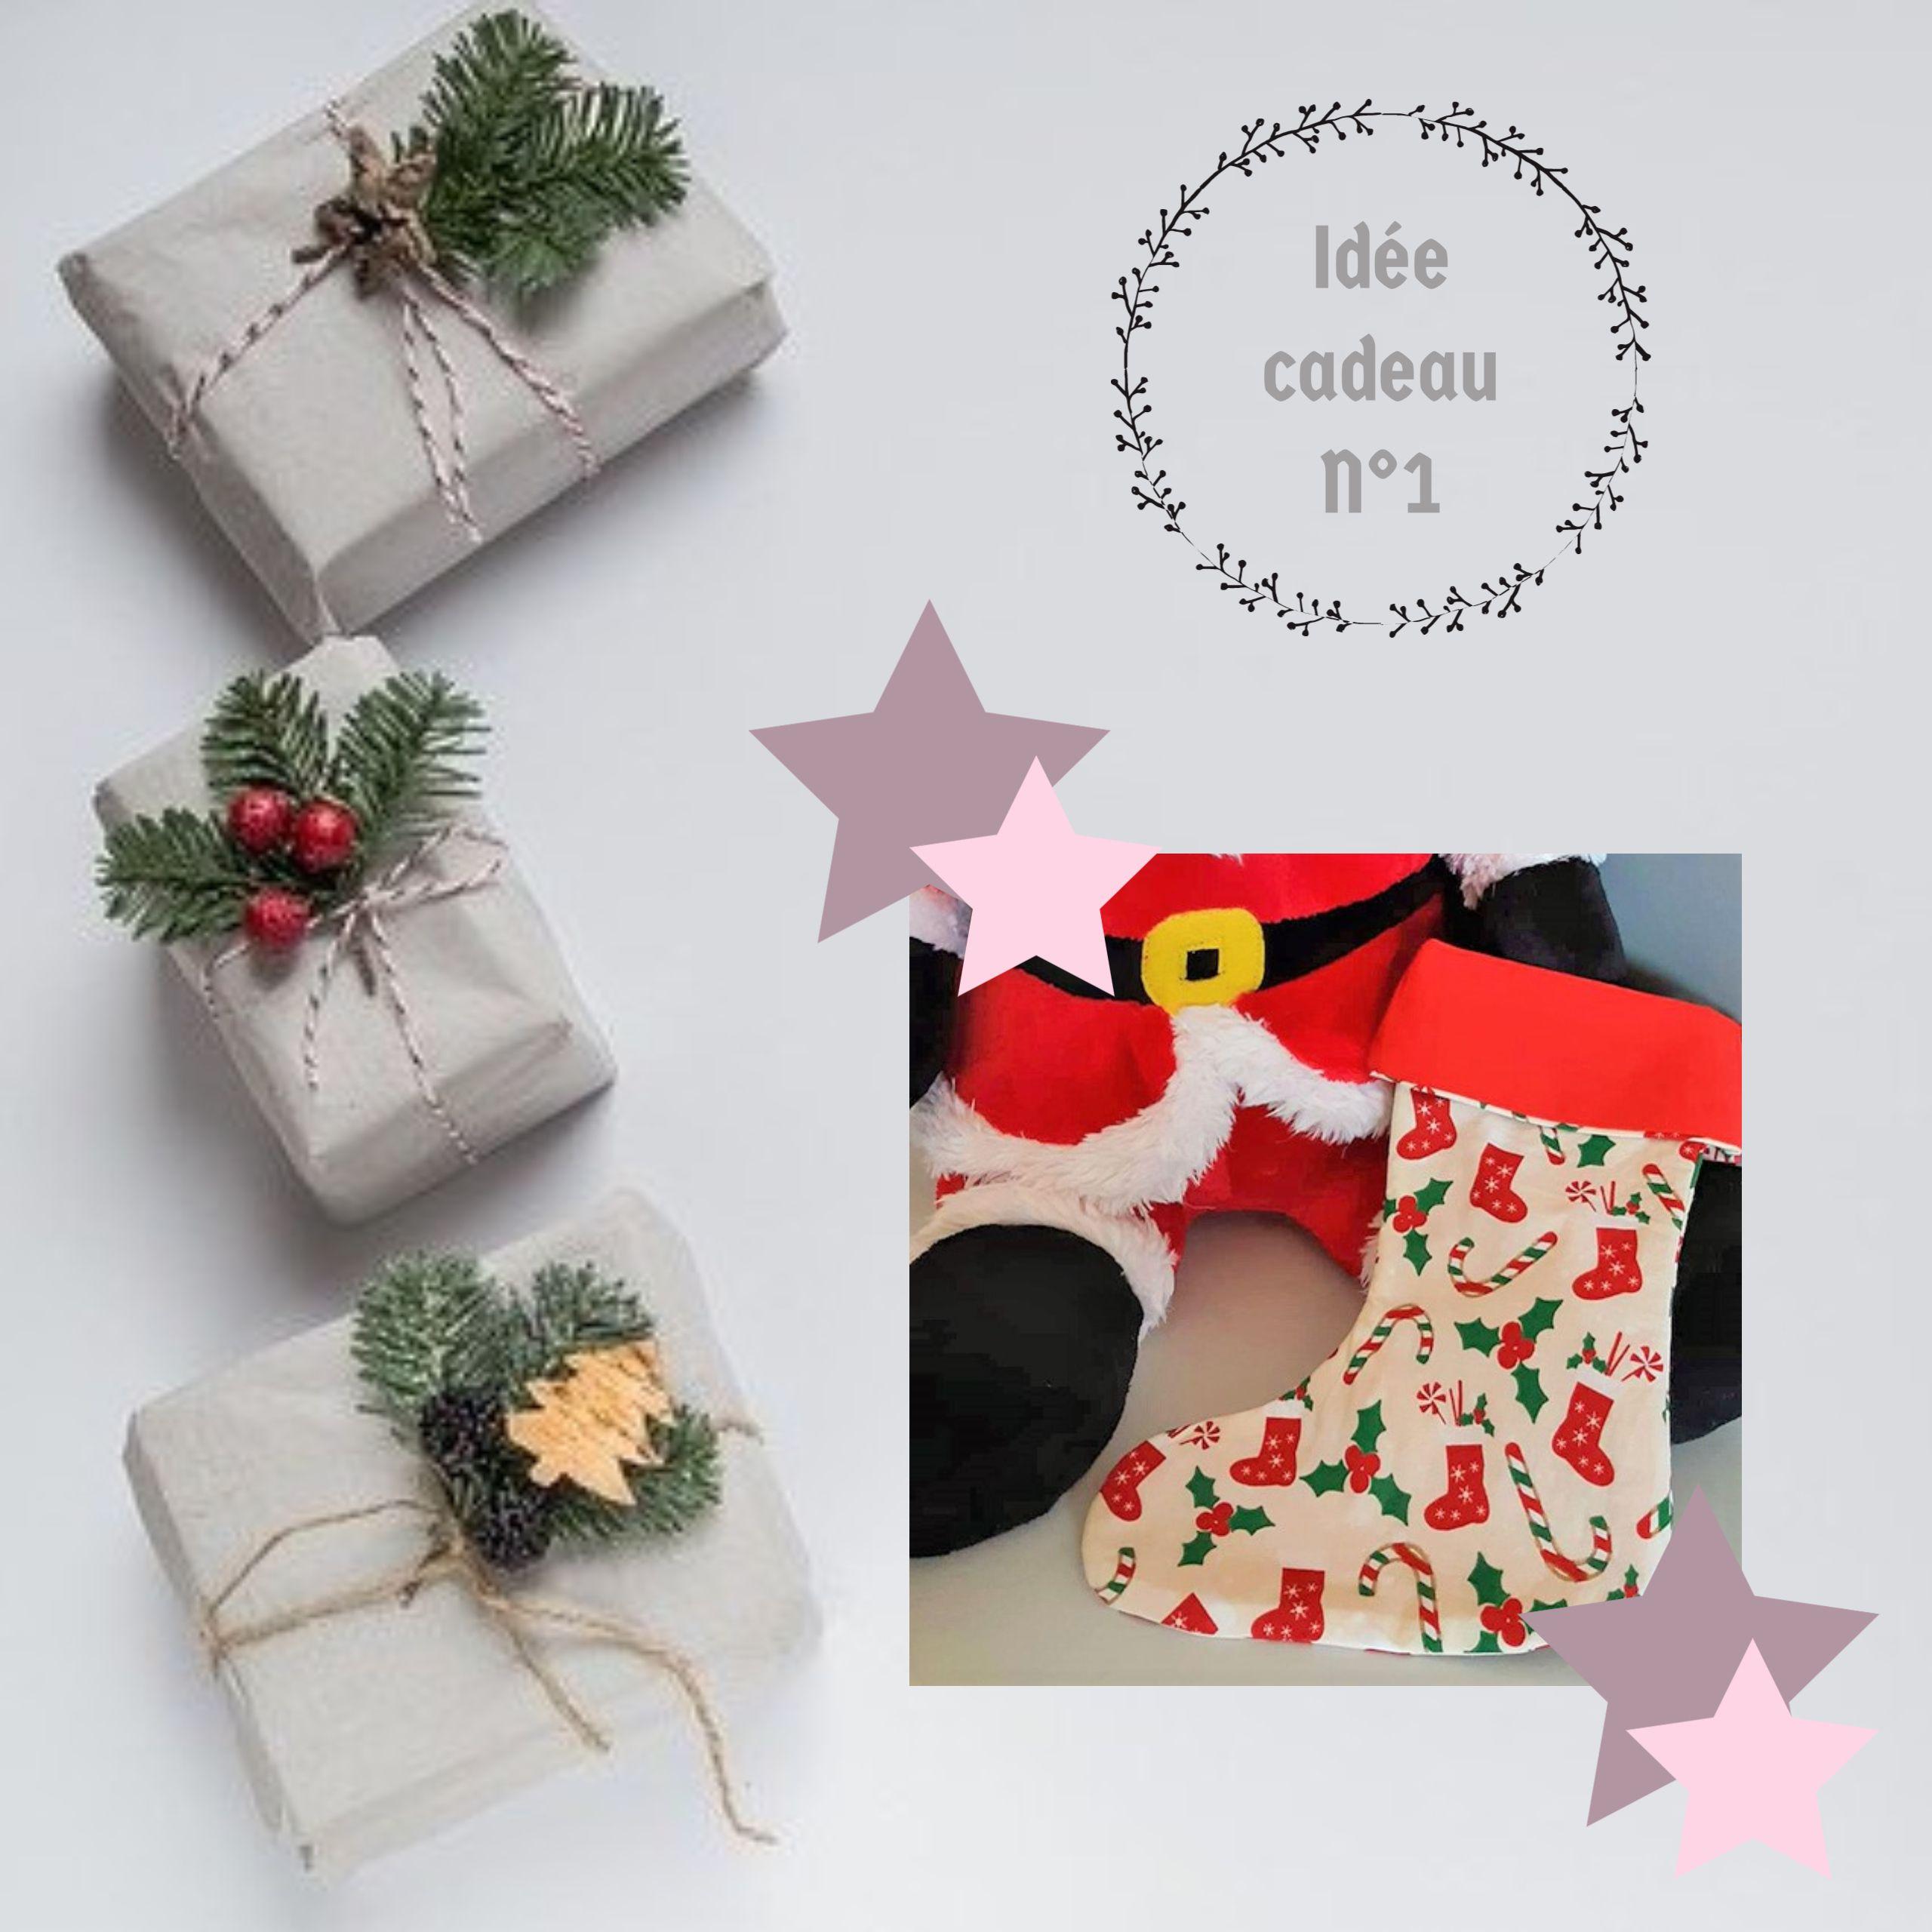 Hello la team Calidoux, prête pour le mois des idées cadeaux de Noël ? 🎅 Alors c'est parti !! Créé une ambiance de Noël magique pour vos enfants avec cette chaussette à son prénom. Le matin de Noël, vous pourrez glisser un petit cadeau dedans pour le plus grand bonheur des petits et des grands 🤩 #chaussettedenoel #personnalisable #prénom #noel #noelcalidoux #calidoux #cadeauxdenoel #ideescadeaux #ideescadeauxnoel #fabricationfrançaise #savoirfaire #creatrice #noelmagique #espritdenoel